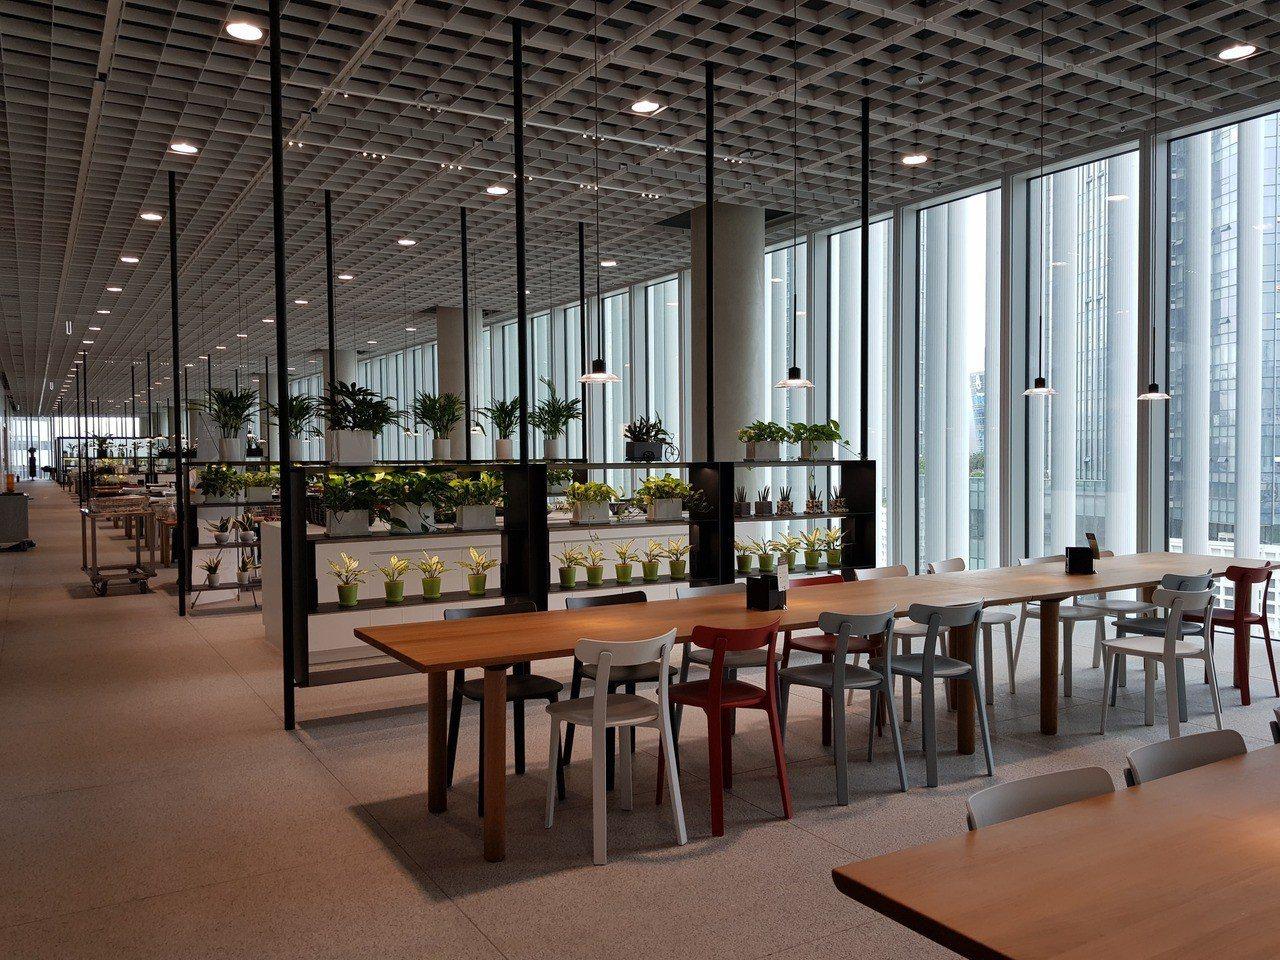 首爾愛茉莉太平洋總部的員工餐廳寬敞舒適。記者陳立儀/攝影